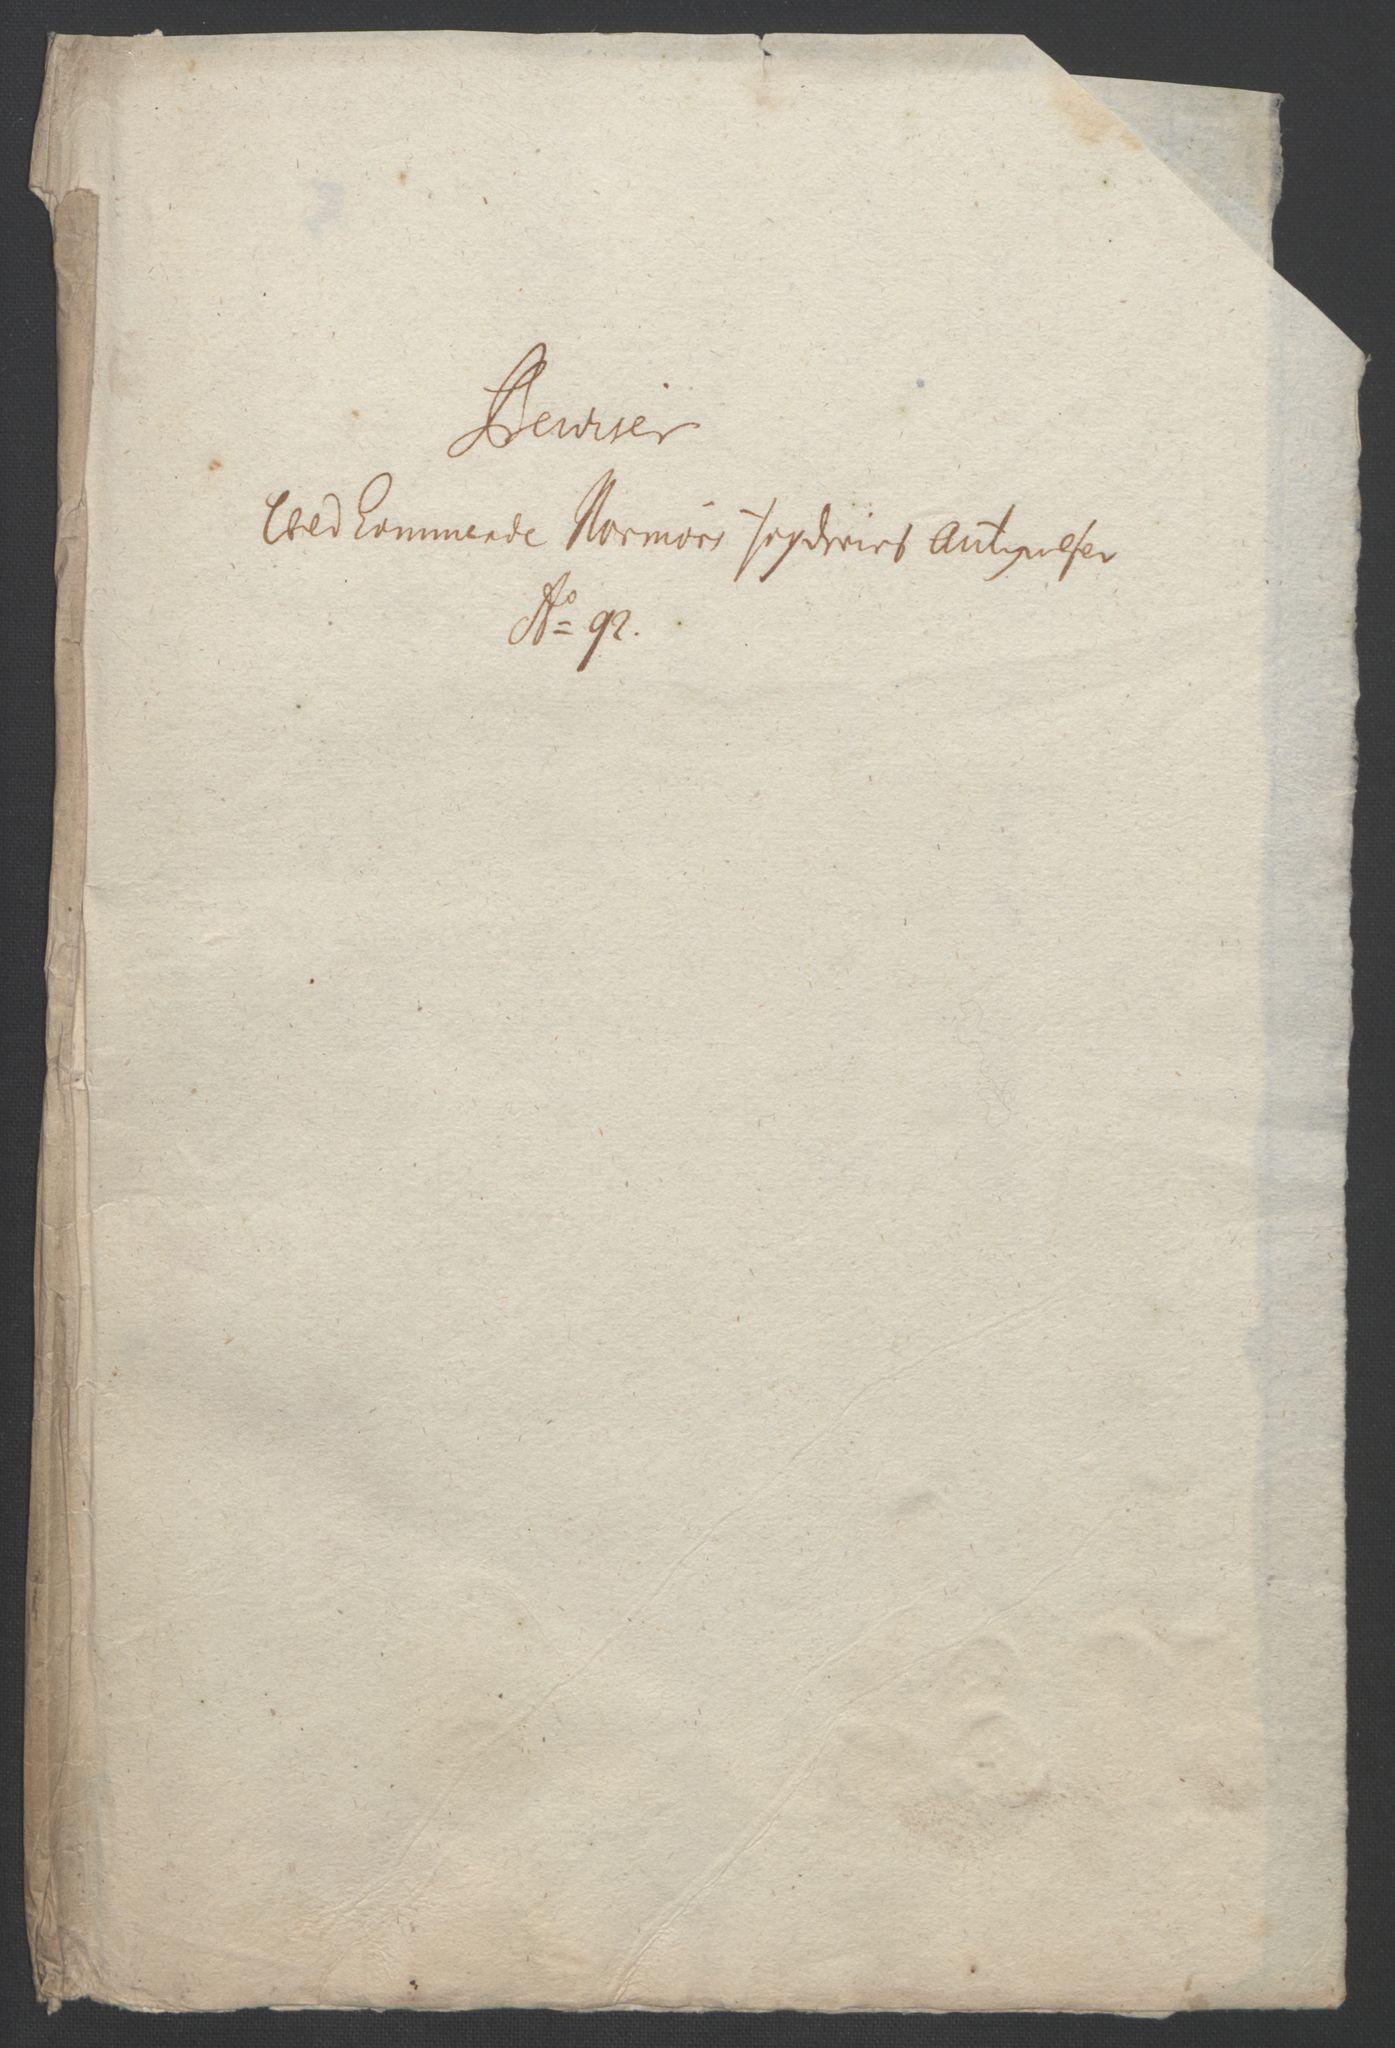 RA, Rentekammeret inntil 1814, Reviderte regnskaper, Fogderegnskap, R56/L3735: Fogderegnskap Nordmøre, 1692-1693, s. 179